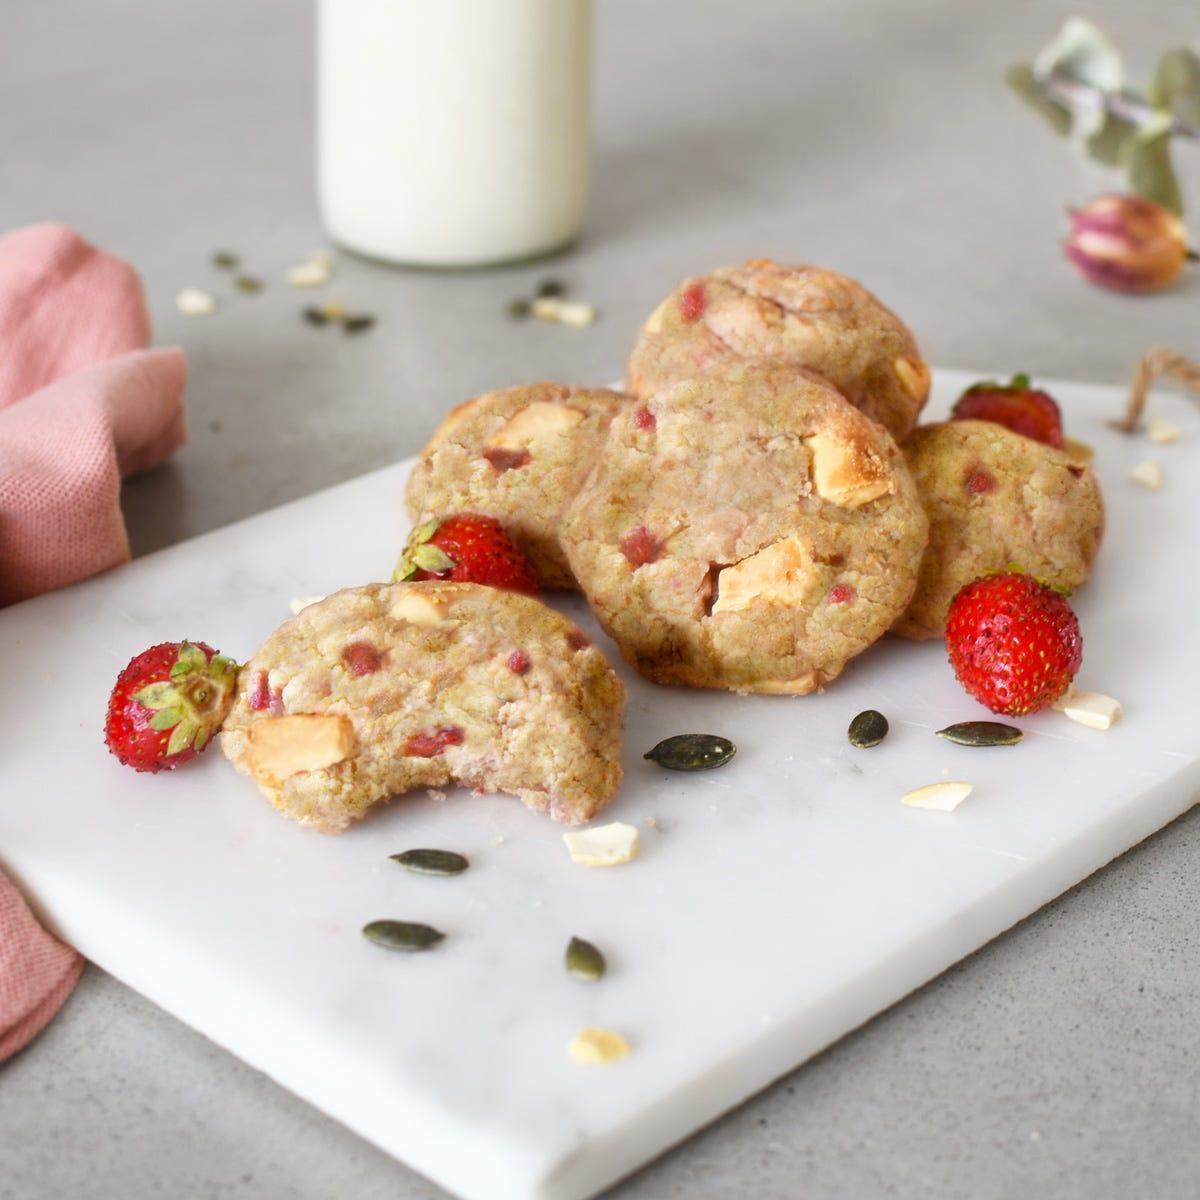 Cette semaine, on laisse les cookies au chocolat noir au placard et on prépare rapidement des cookies aux fraises et chocolat blanc avec les enfants pour le goûter !